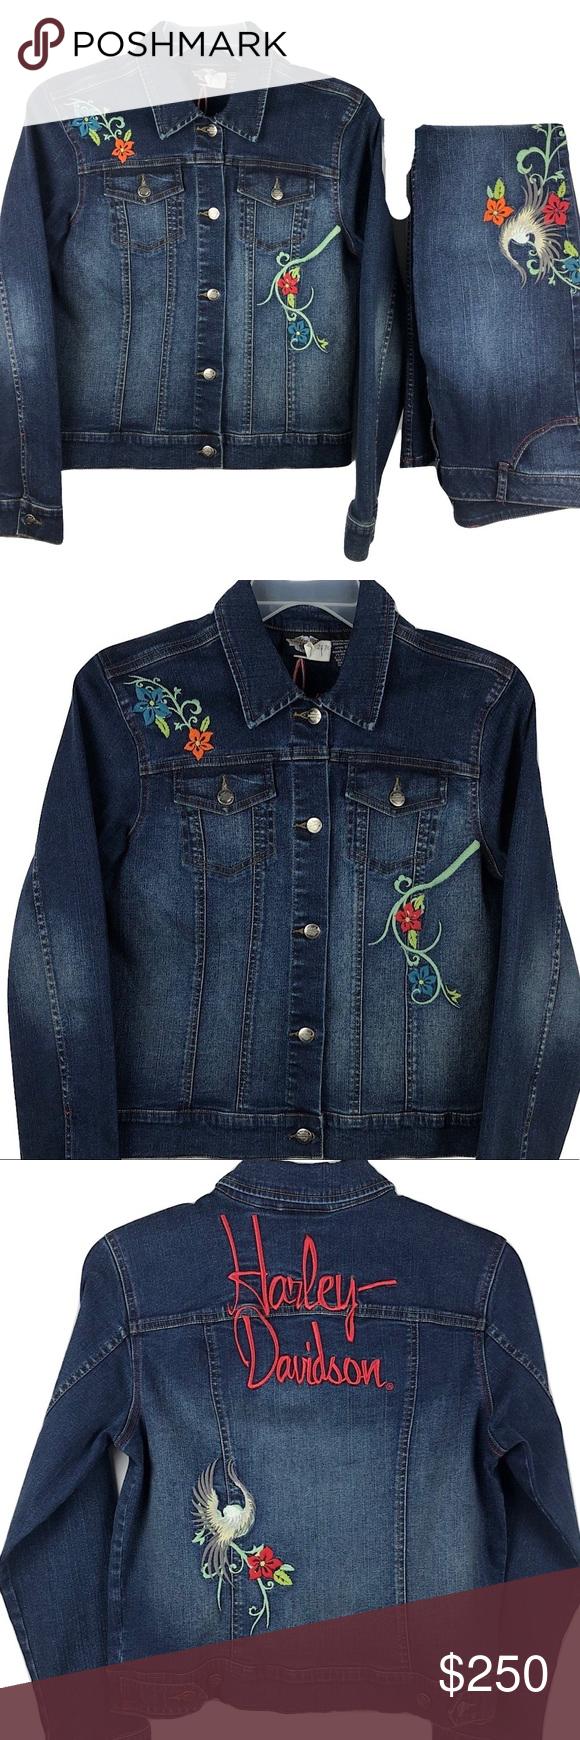 Harley Davidson Denim Jacket Blue Jean Set L 8 Embroidered Denim Jacket Embroidered Denim Clothes Design [ 1740 x 580 Pixel ]